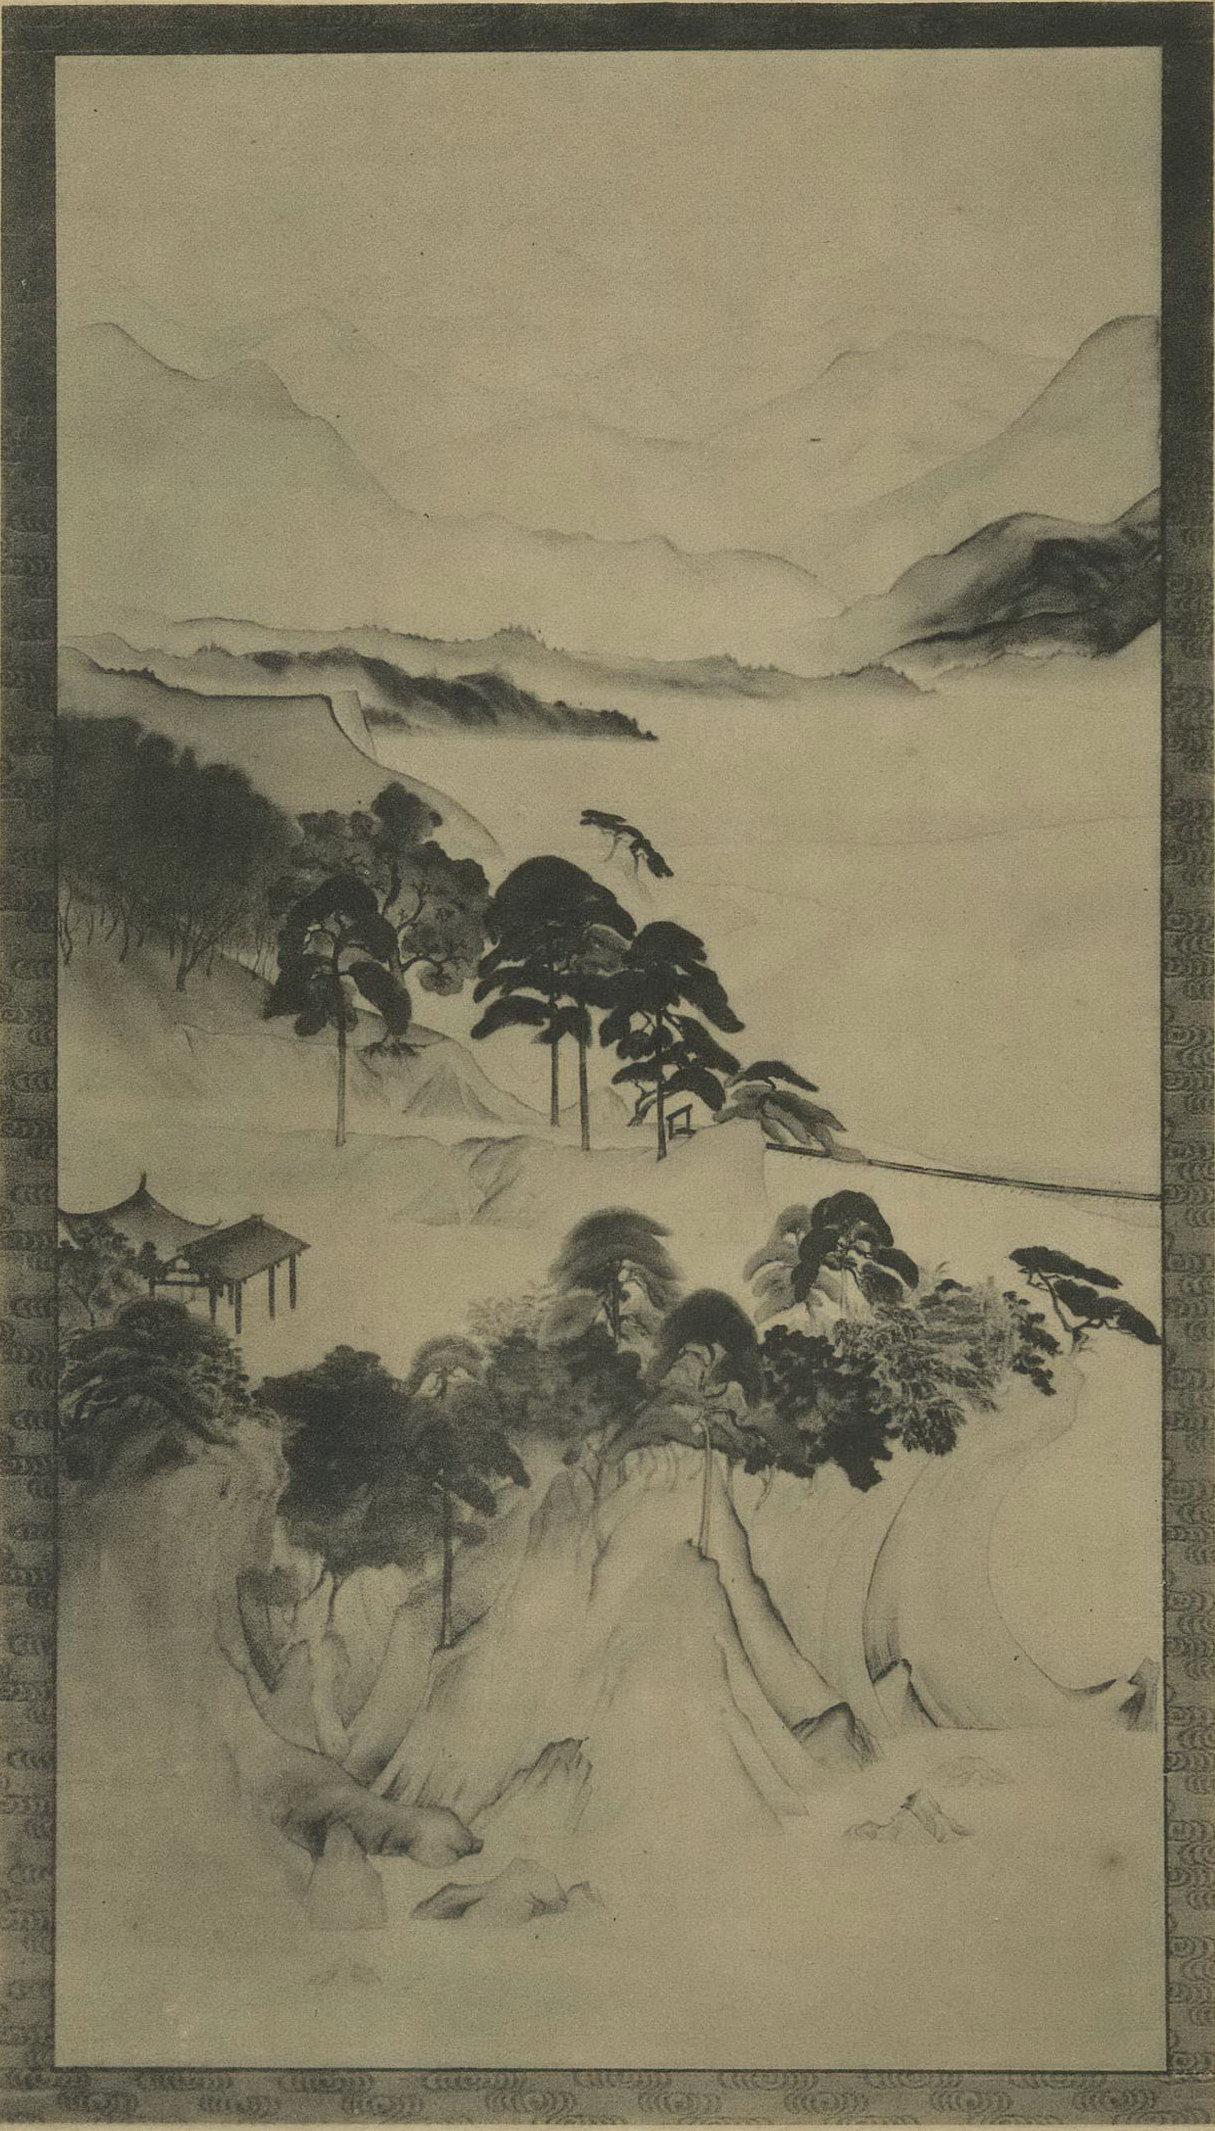 【名單之後】徐清蓮的臺展作品與林玉書〈畫中八仙歌〉